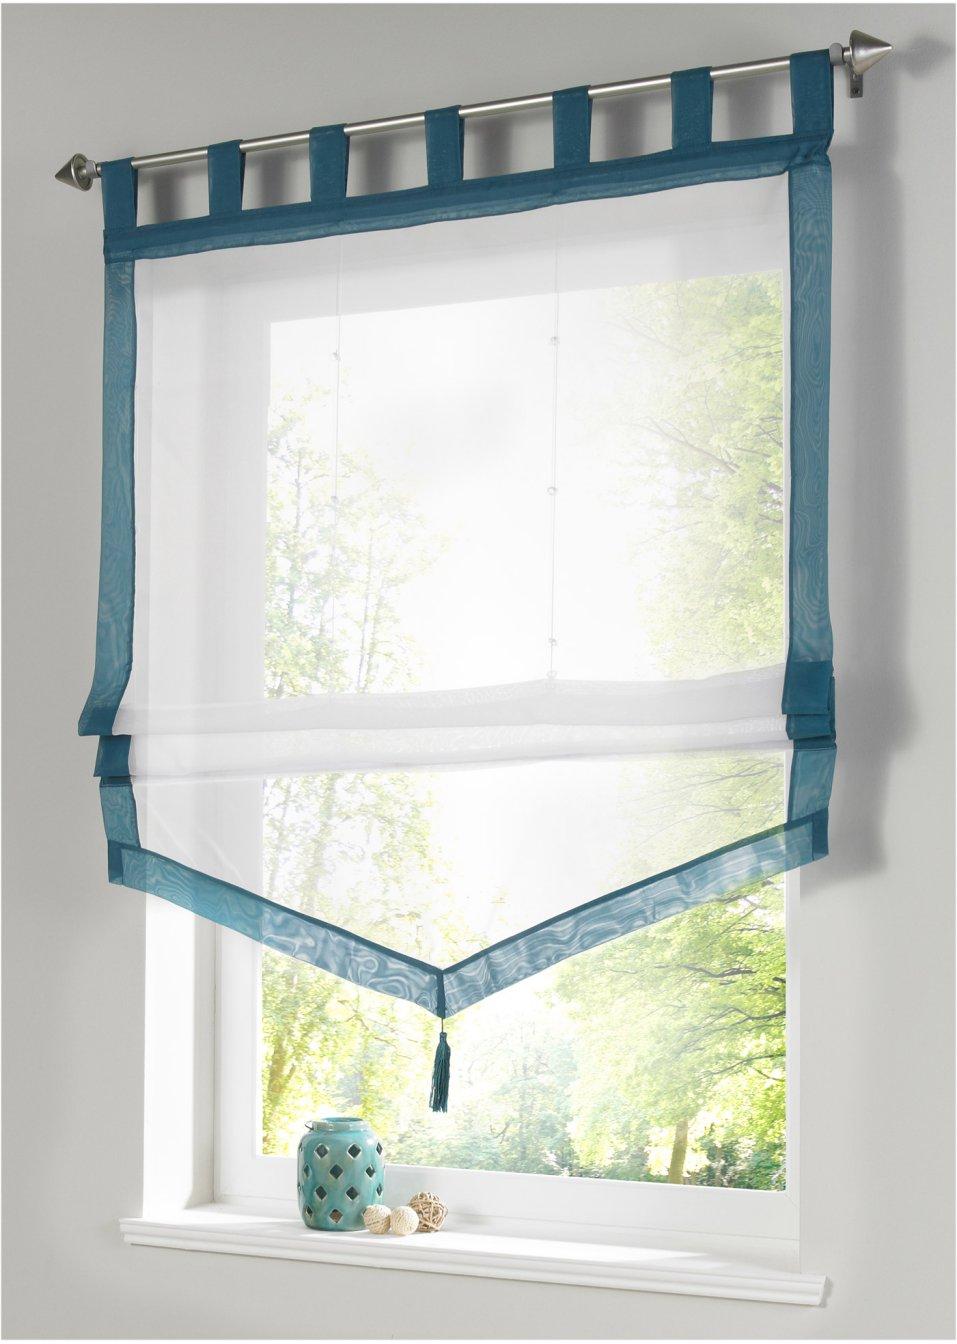 raffrollo sylt in toller wimpelform ein dekorativer rahmen f r ihr fenster aqua schlaufen. Black Bedroom Furniture Sets. Home Design Ideas